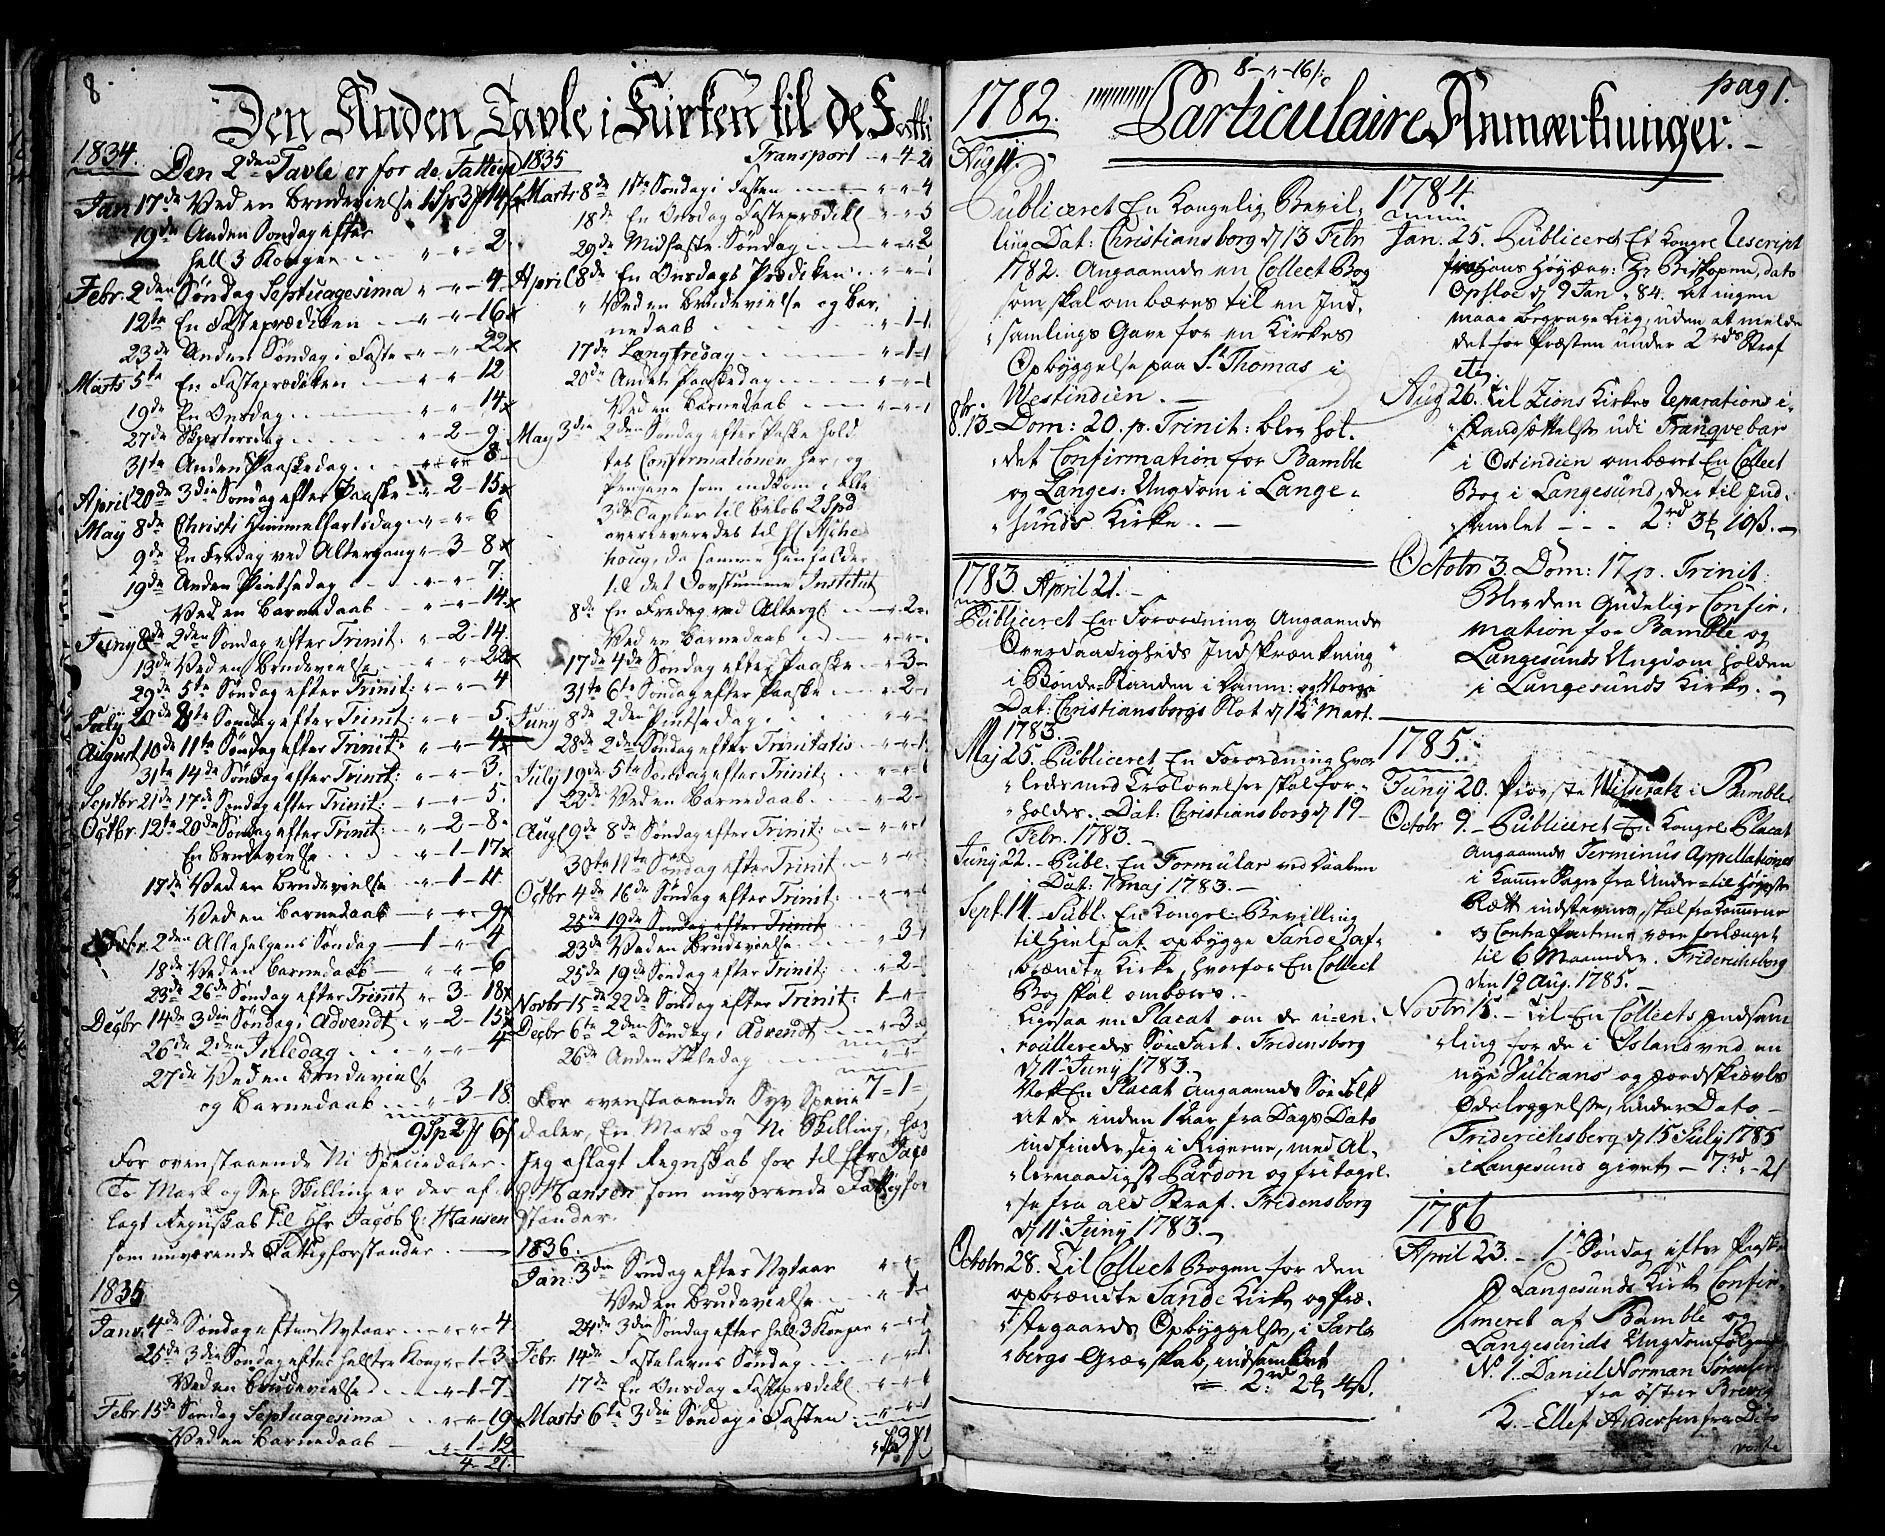 SAKO, Langesund kirkebøker, G/Ga/L0001: Klokkerbok nr. 1, 1783-1801, s. 8-9